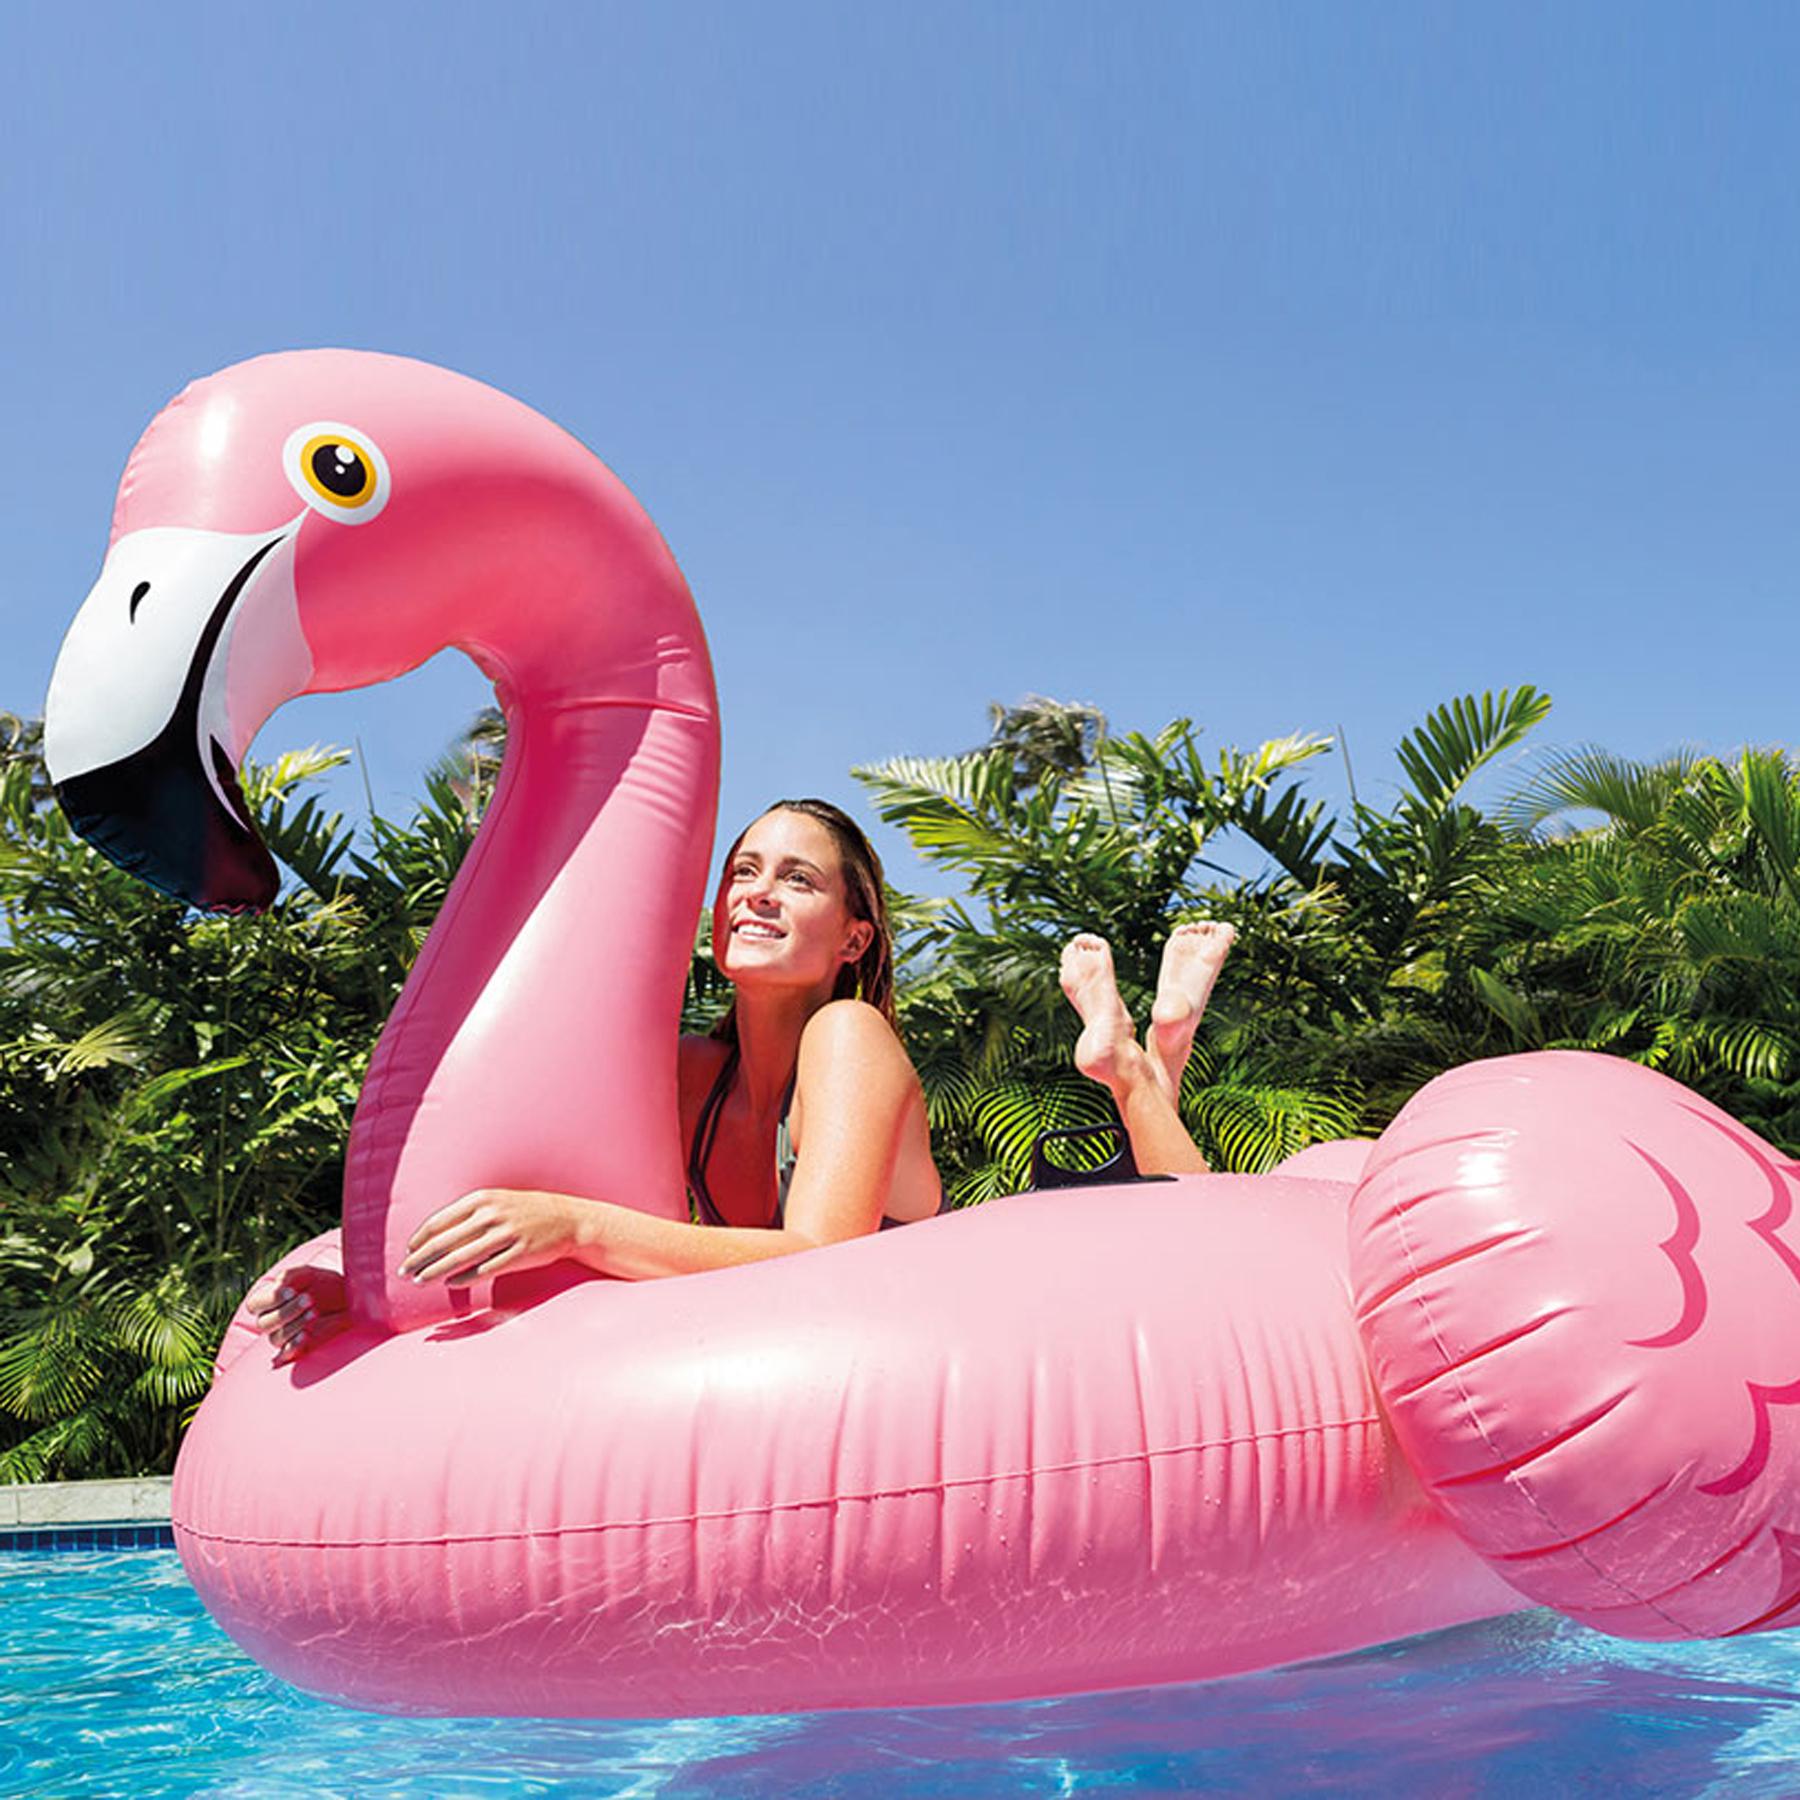 Boias gigantes para piscina veja 4 modelos divertidos em alta - Modelos de piscinas fotos ...